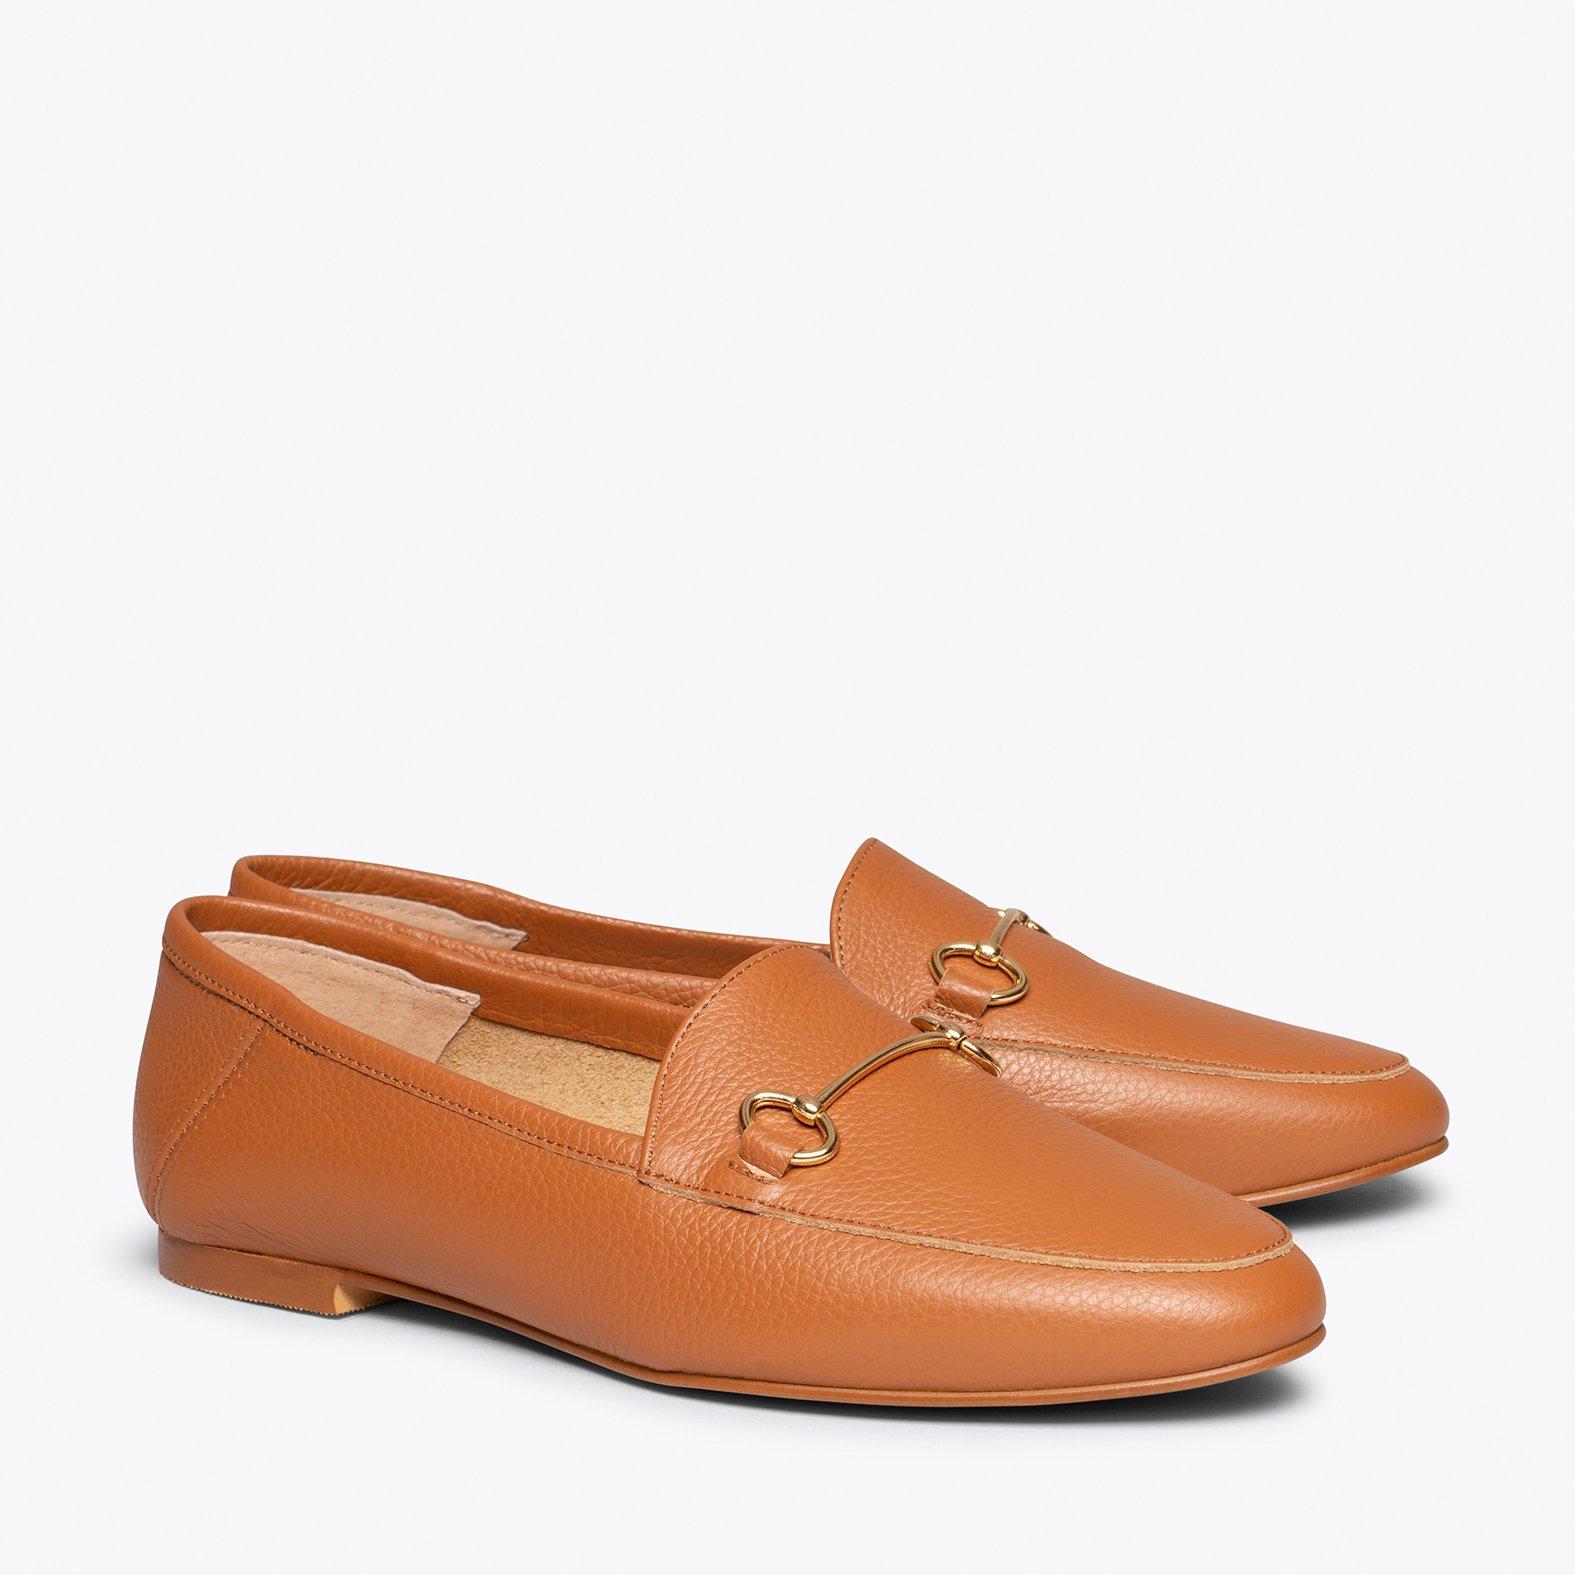 STILETTO Zapato con tacón fino AZUL MARINO